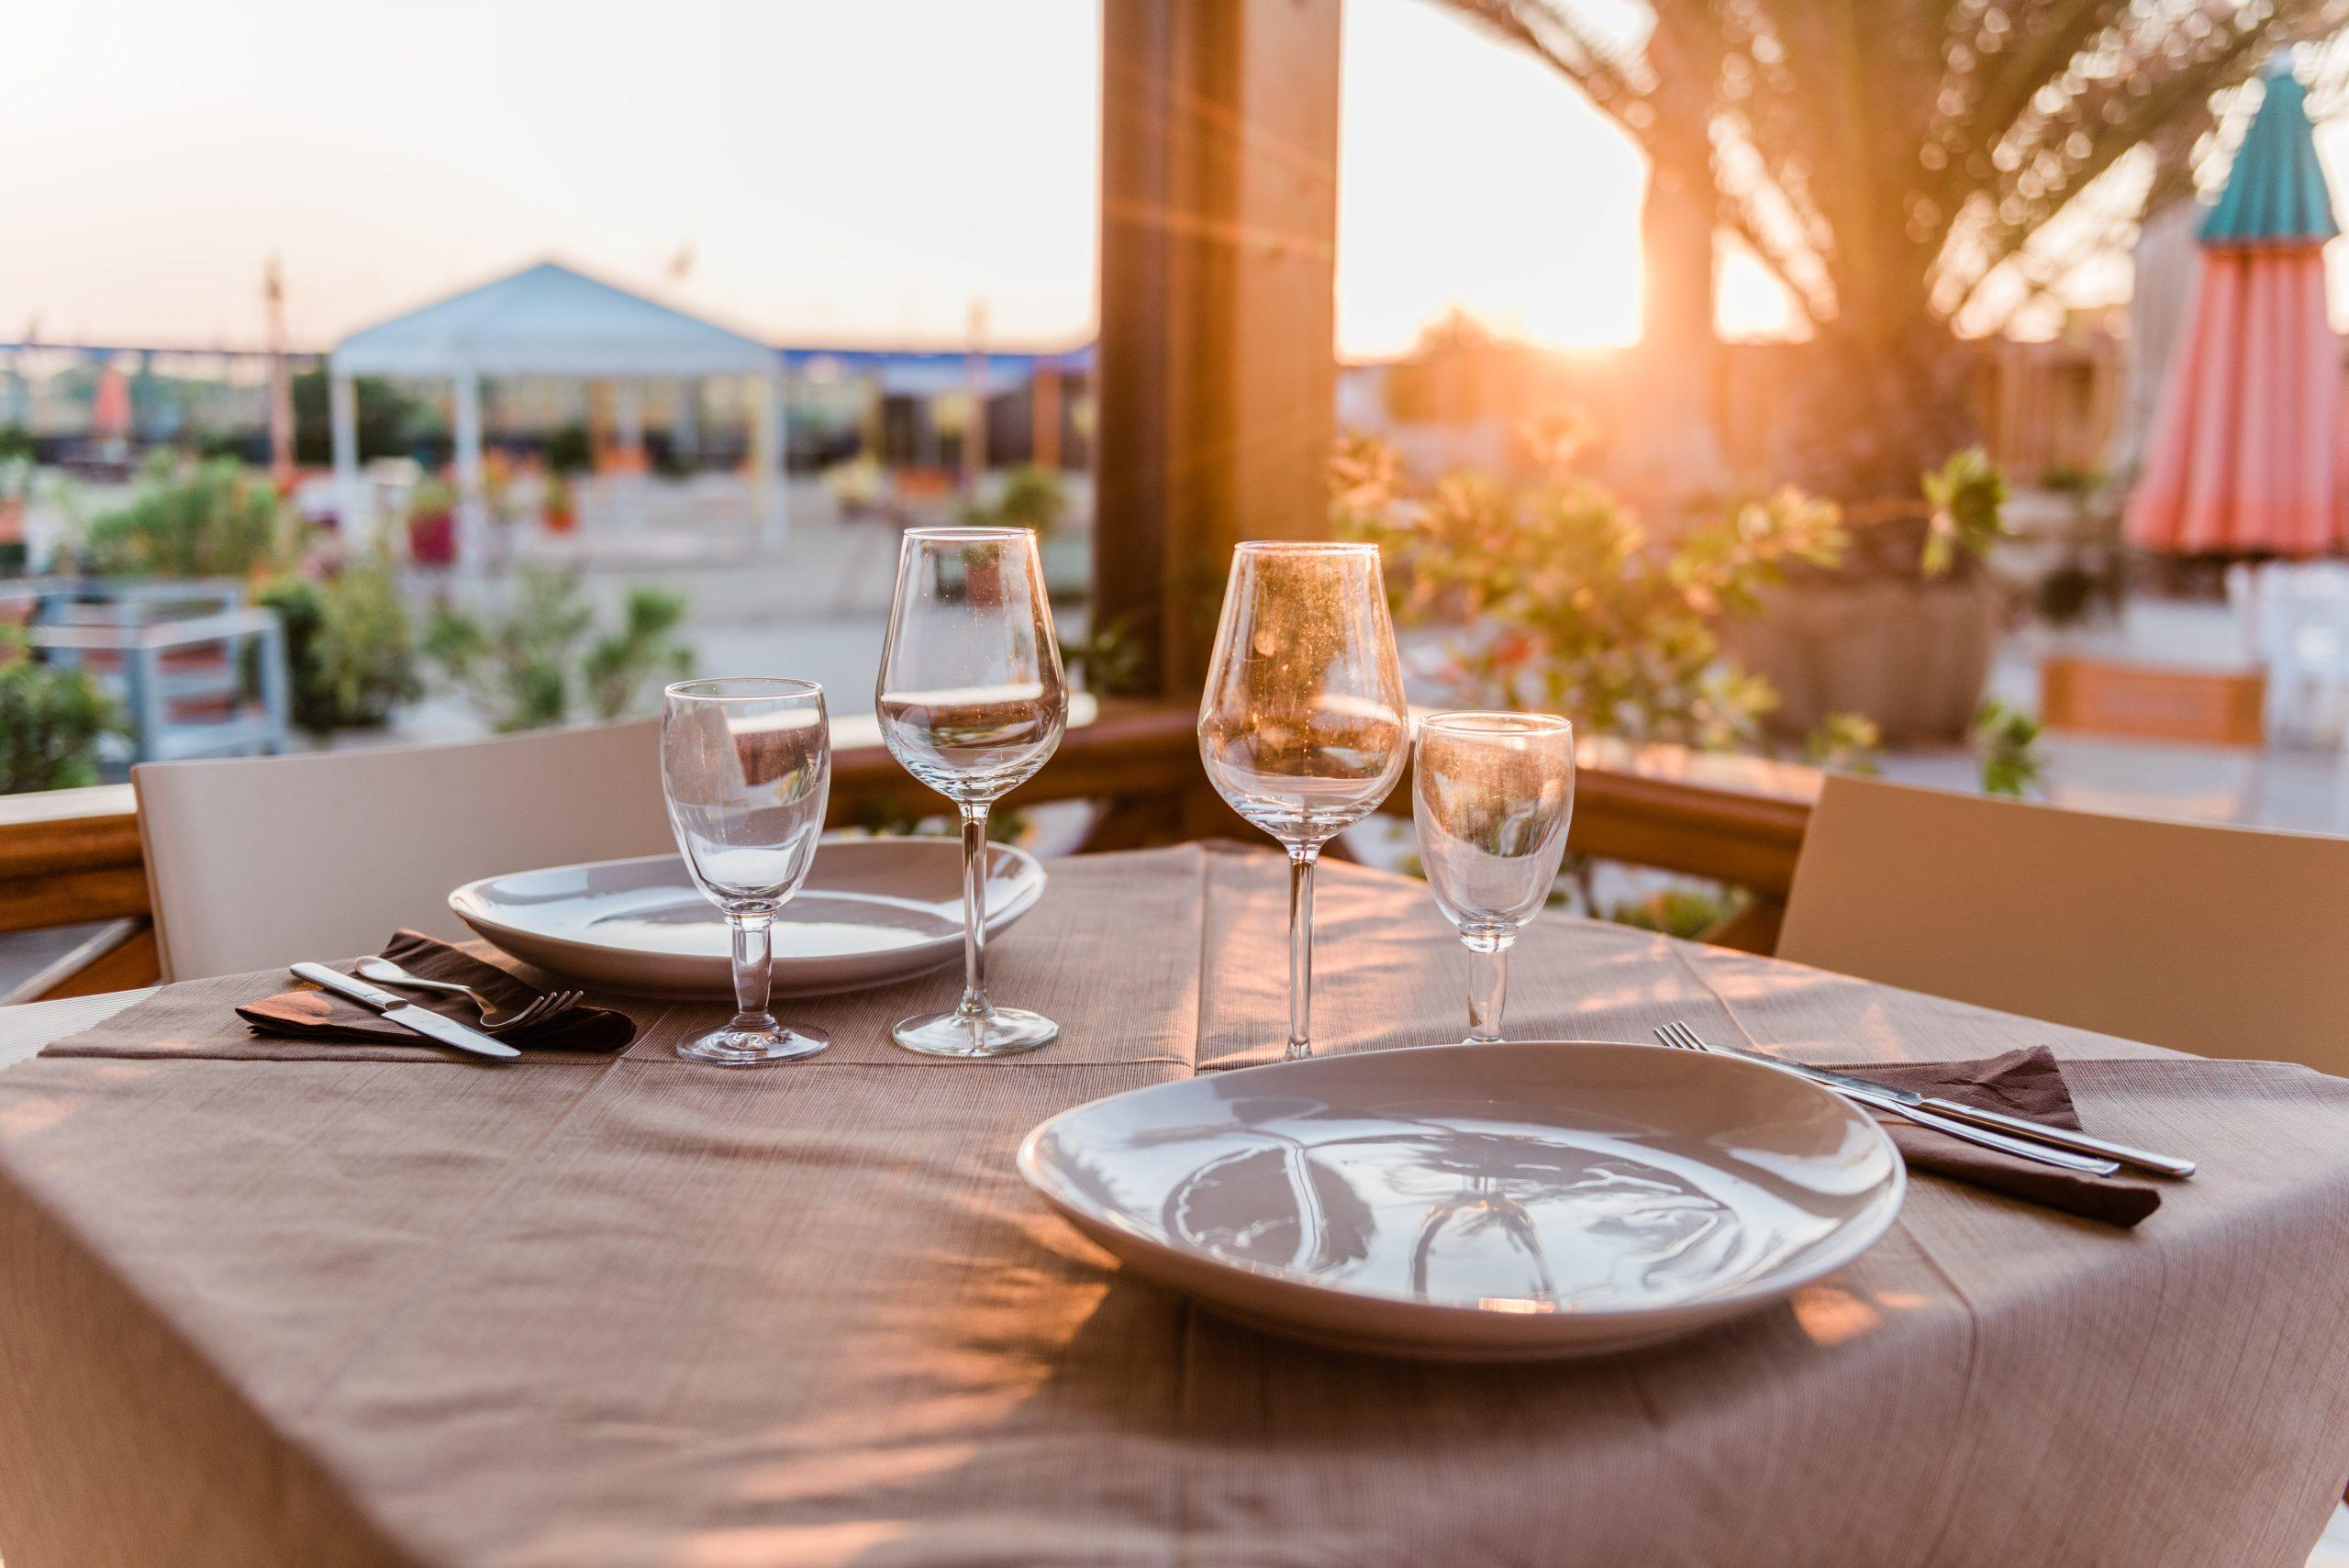 Ristorante / Restaurant